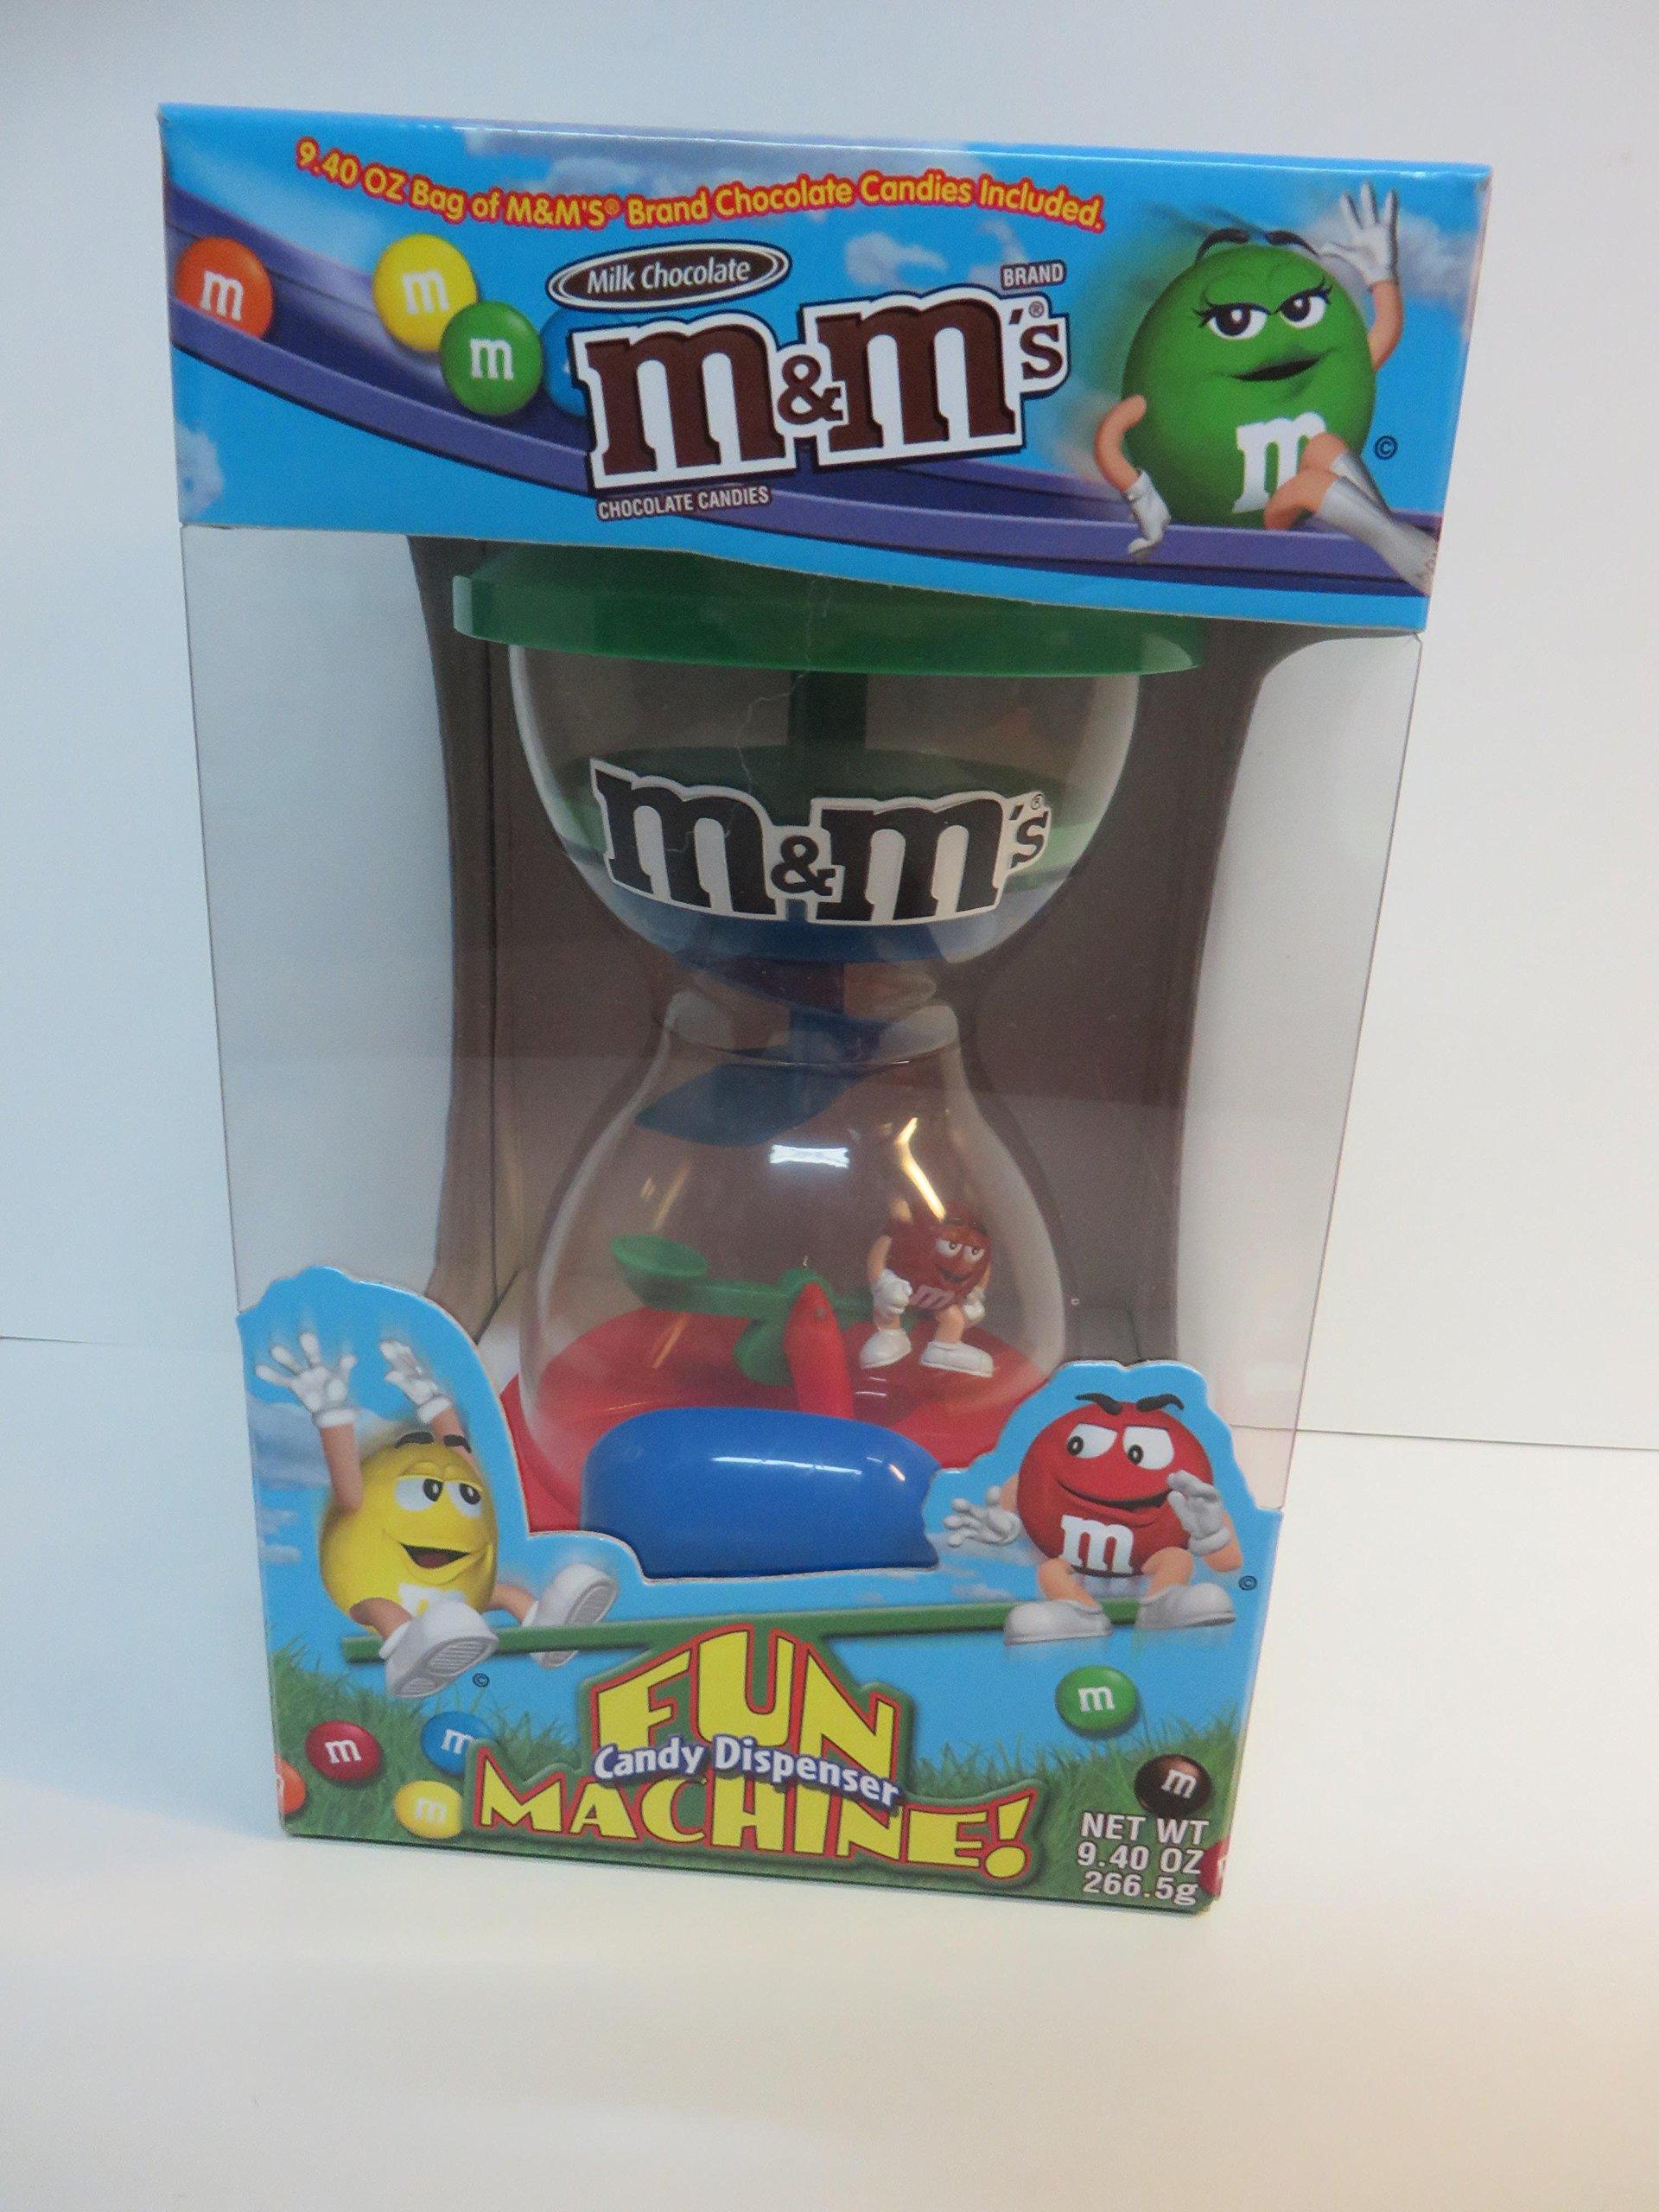 M&m's Fun Machine Dispenser